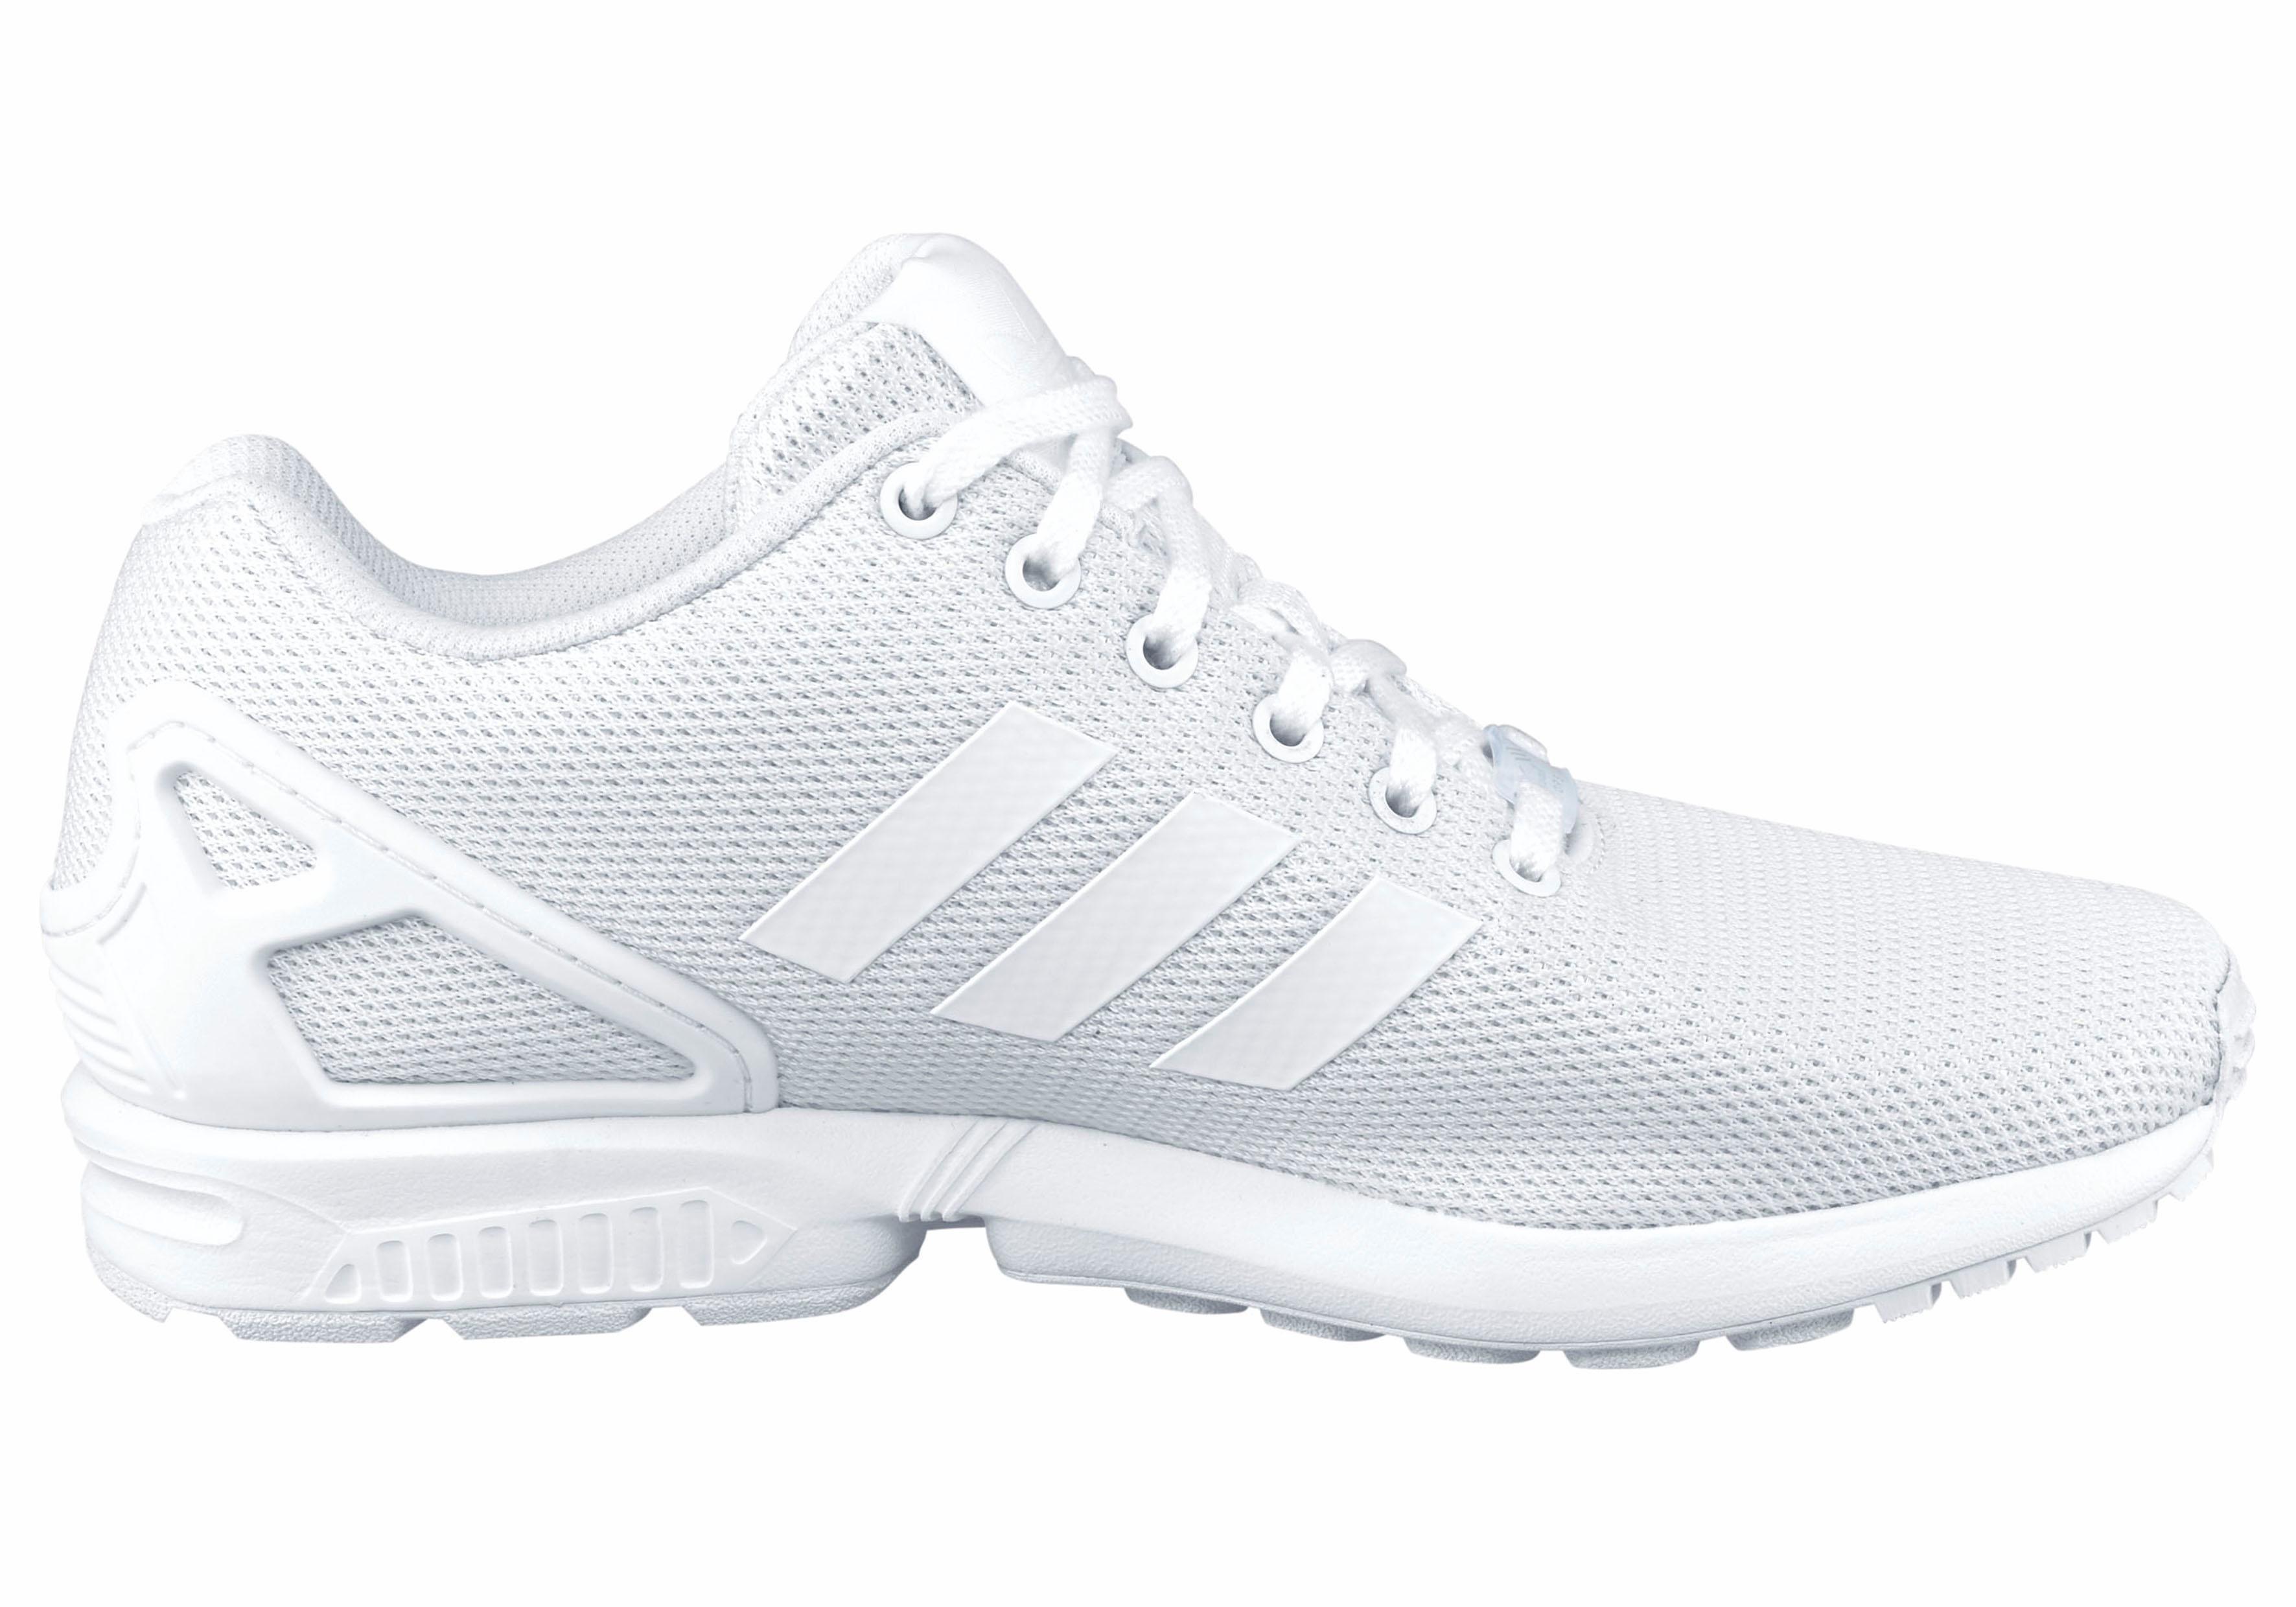 adidas zx flux wit schoonmaken